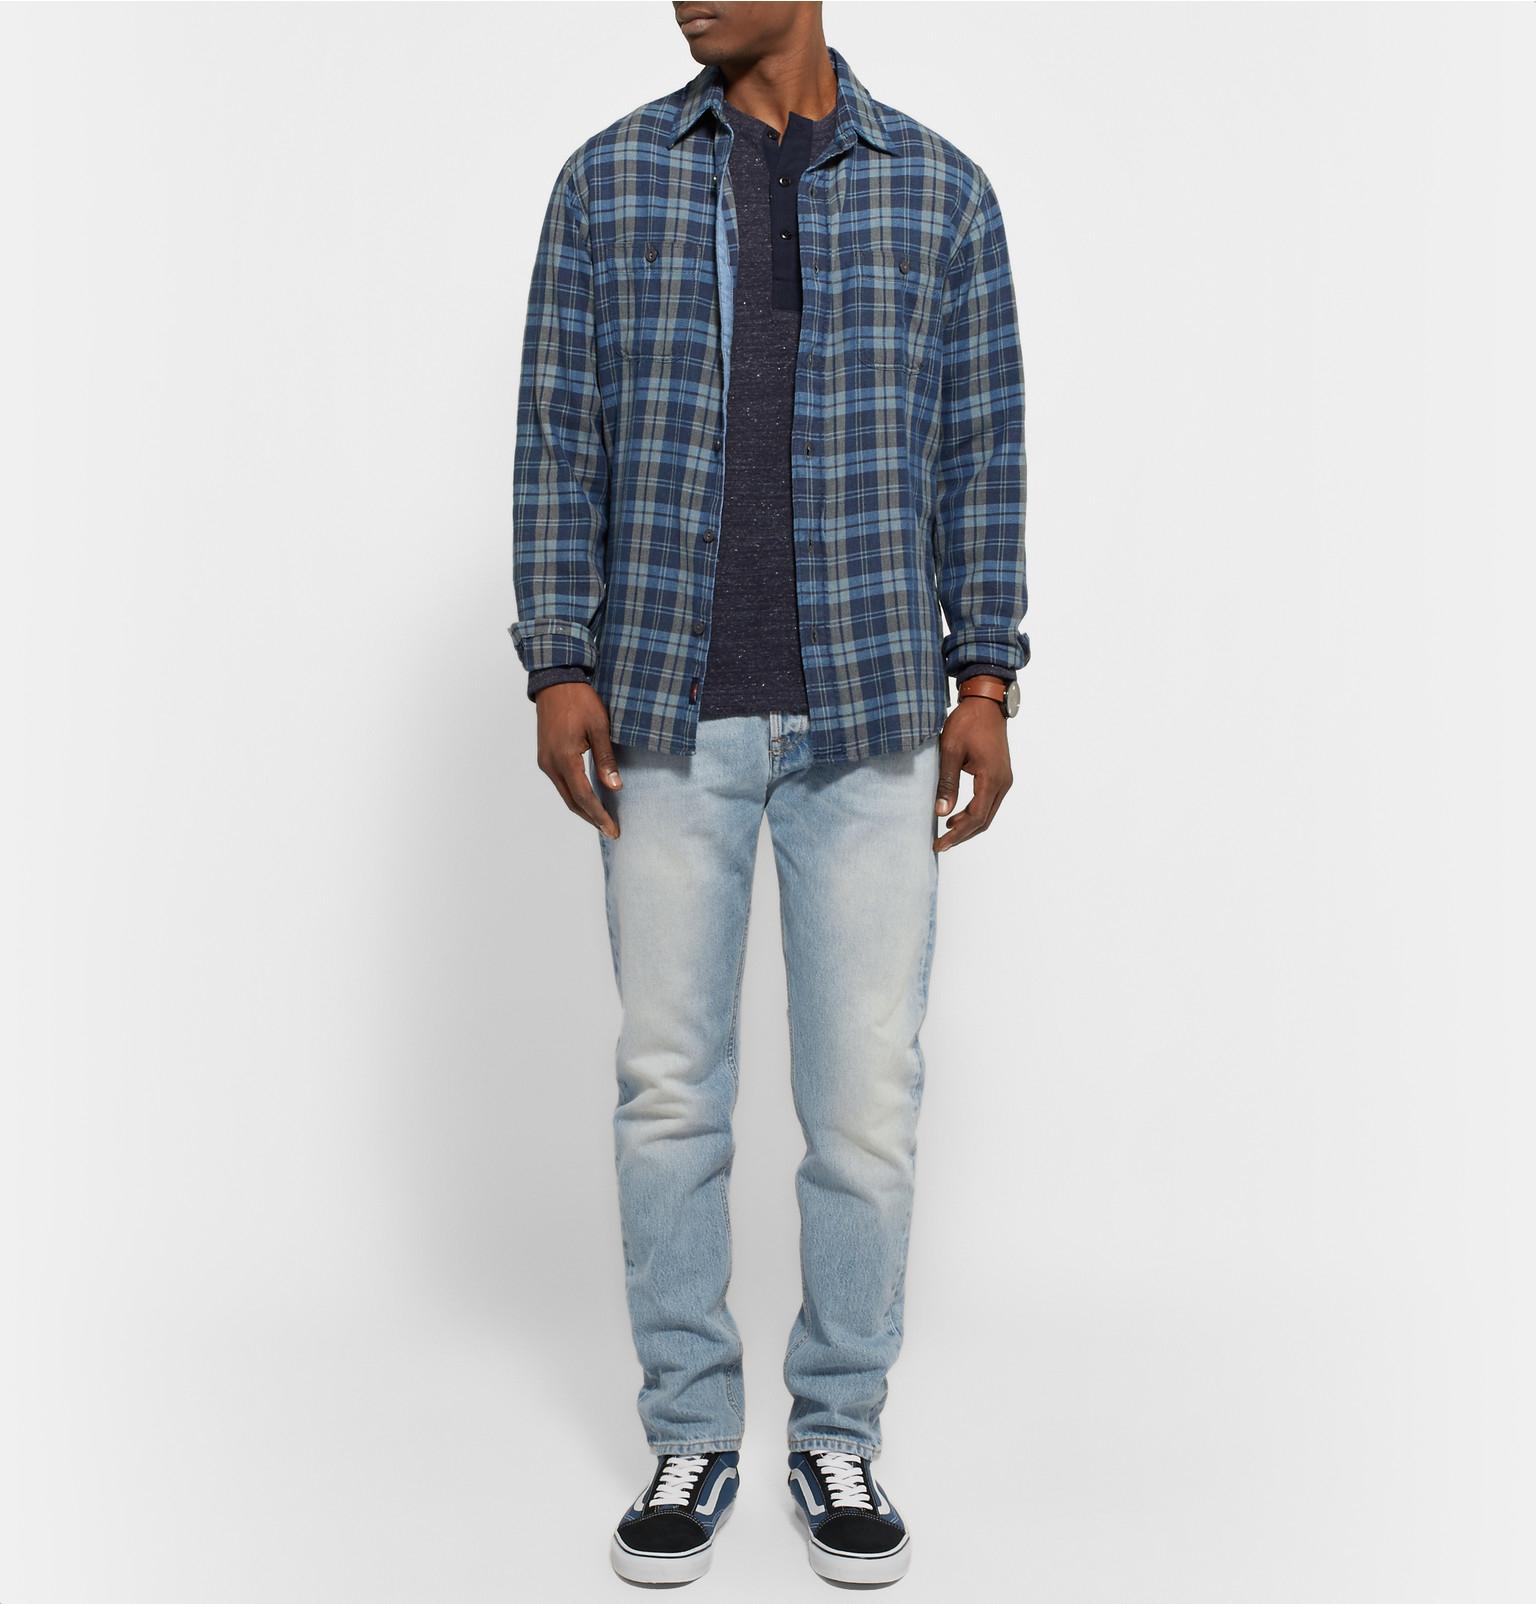 NN07 Five 1780 Tapered Washed-denim Jeans in Light Denim (Blue) for Men